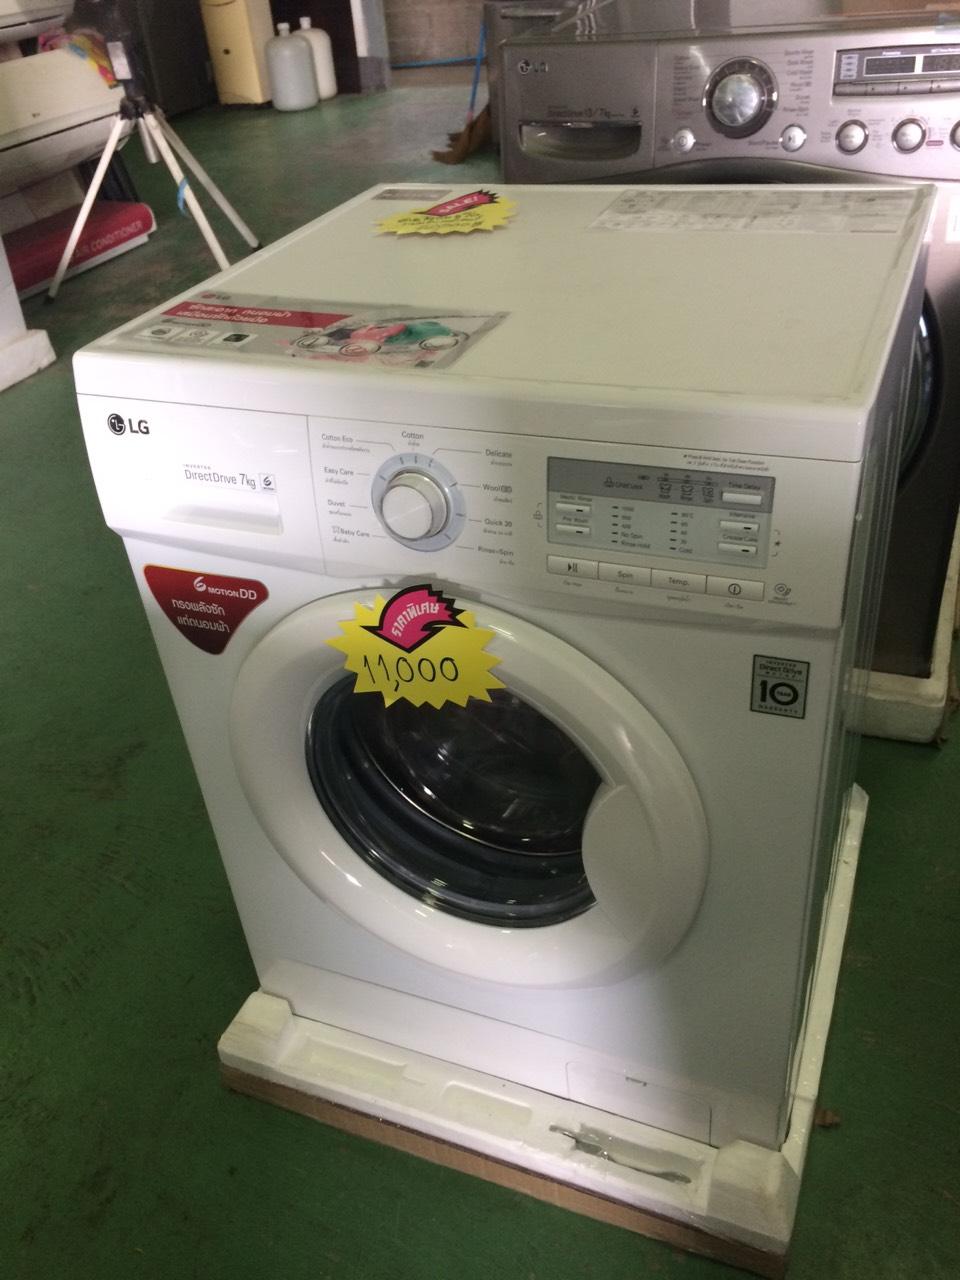 เครื่องซักผ้าฝาหน้า ระบบ 6 MOTION HAND WASH,INVERTER DIRECT DRIVE ขนาดซัก 7 KG รุ่นWD-10070TD